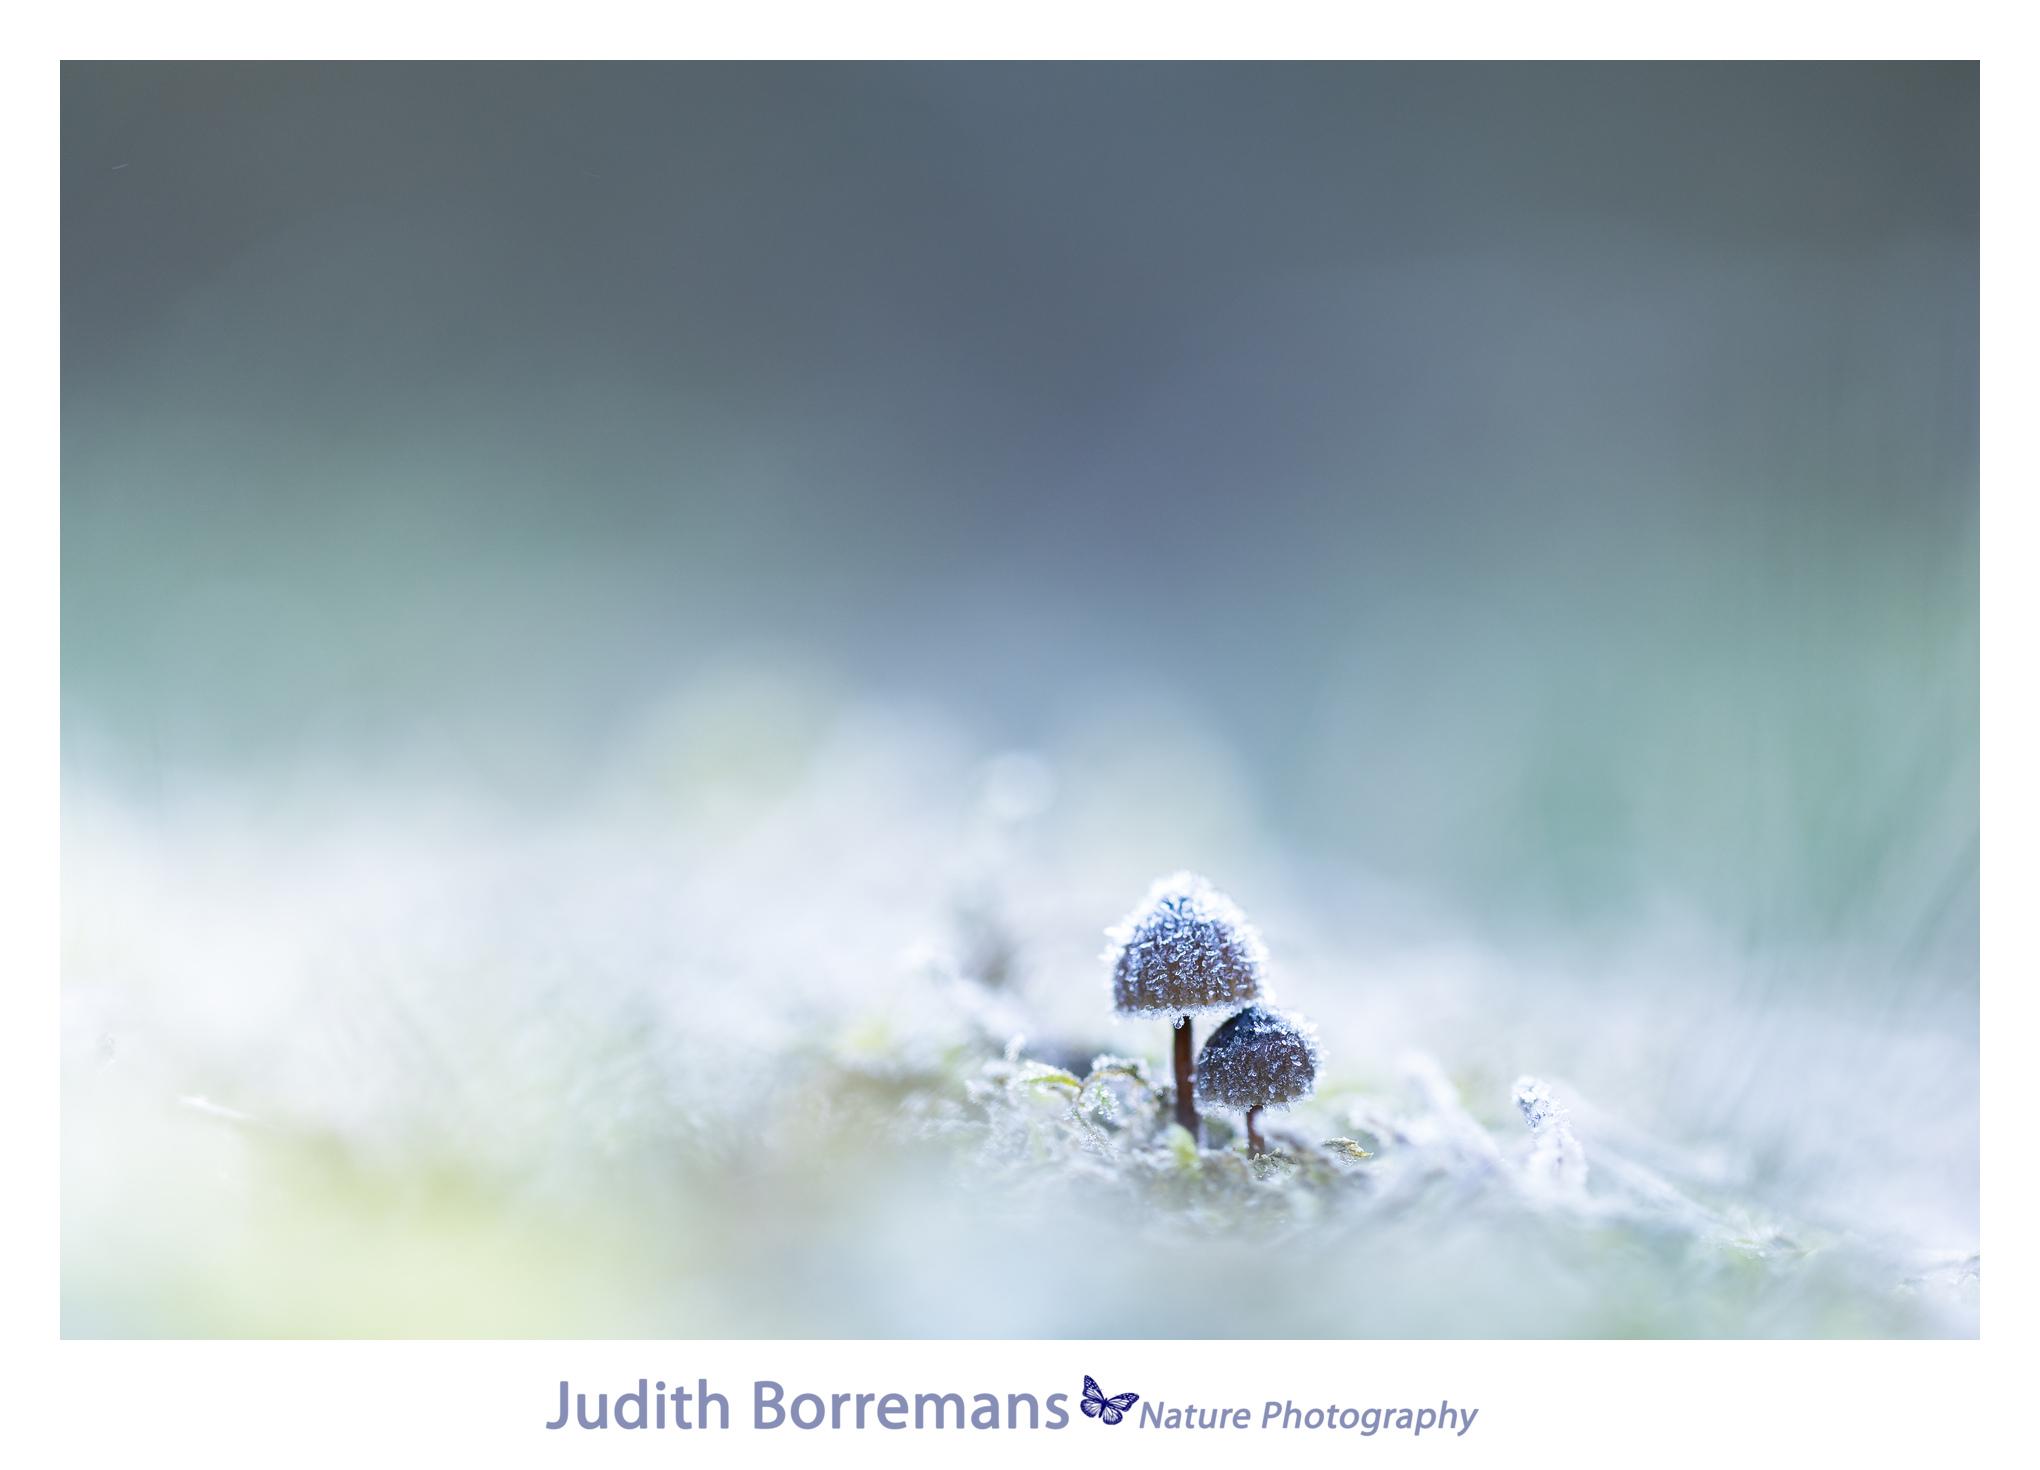 paddenstoeltjes met ijskristallen